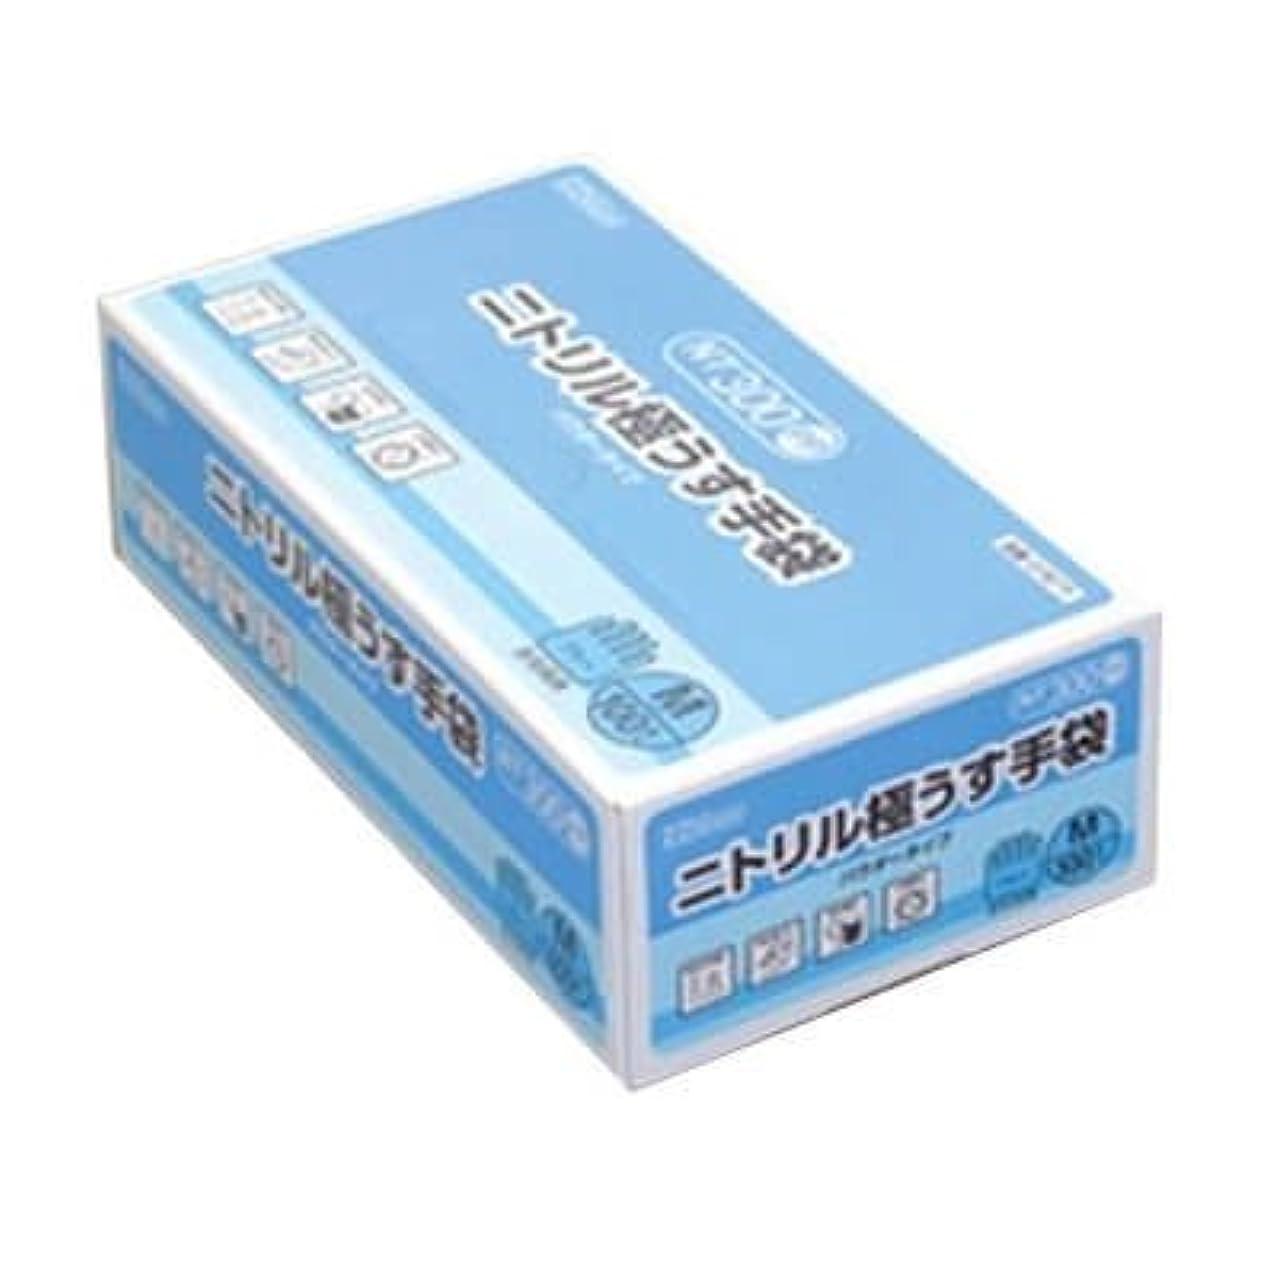 慢なセグメント追い出す【ケース販売】 ダンロップ ニトリル極うす手袋 粉付 M ブルー NT-300 (100枚入×20箱)